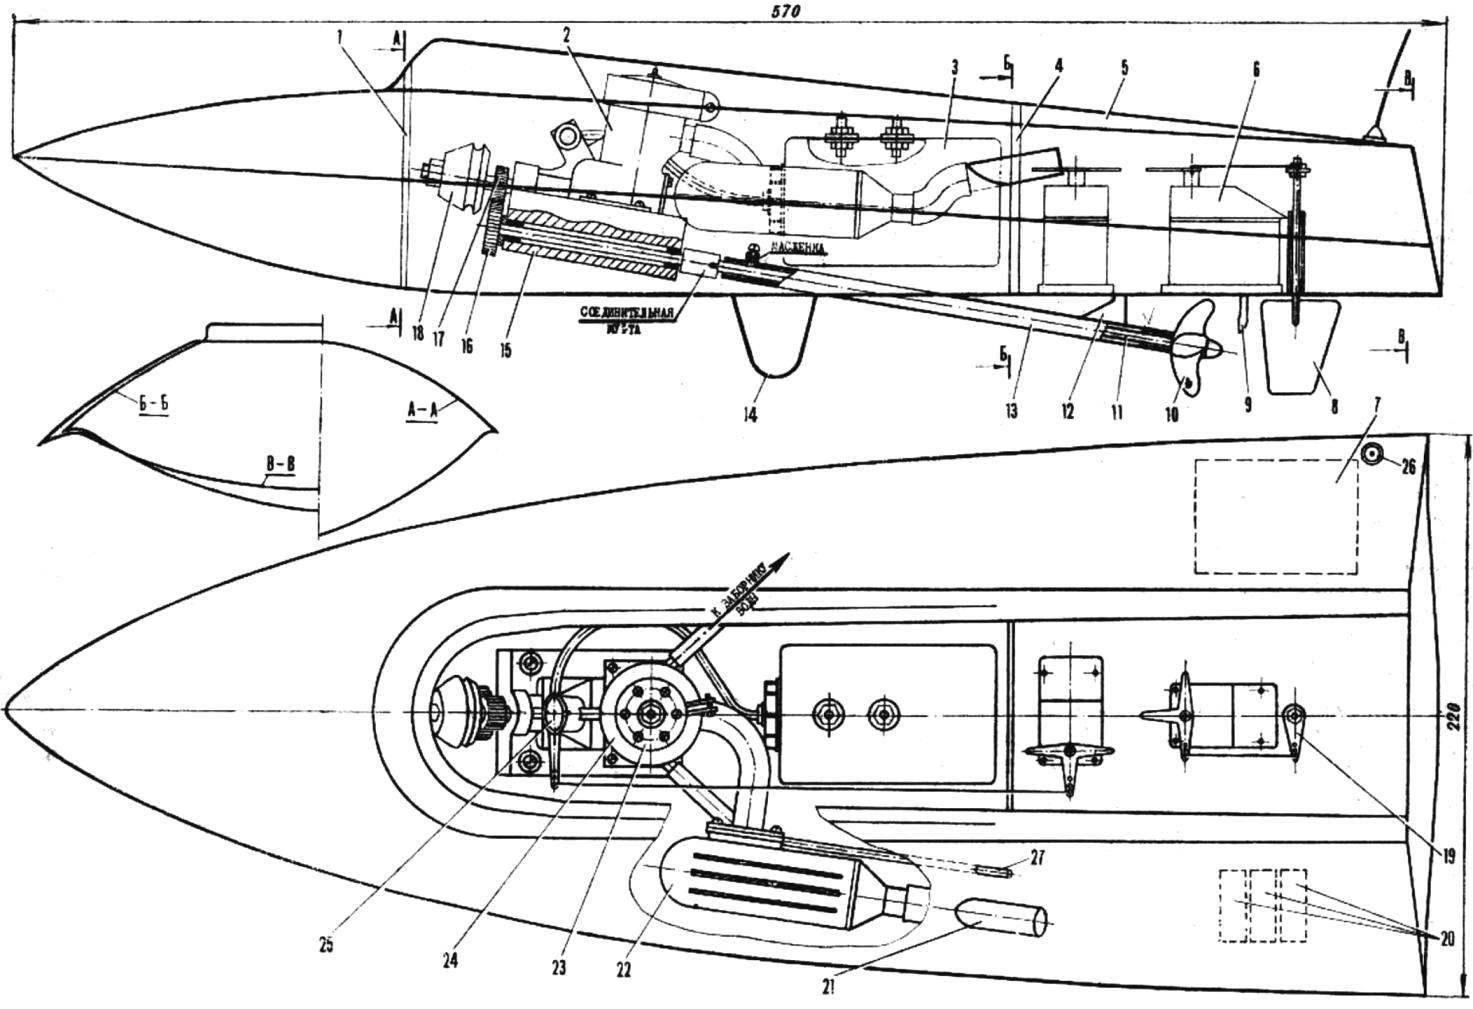 Рис. 1. Модель класса F3V